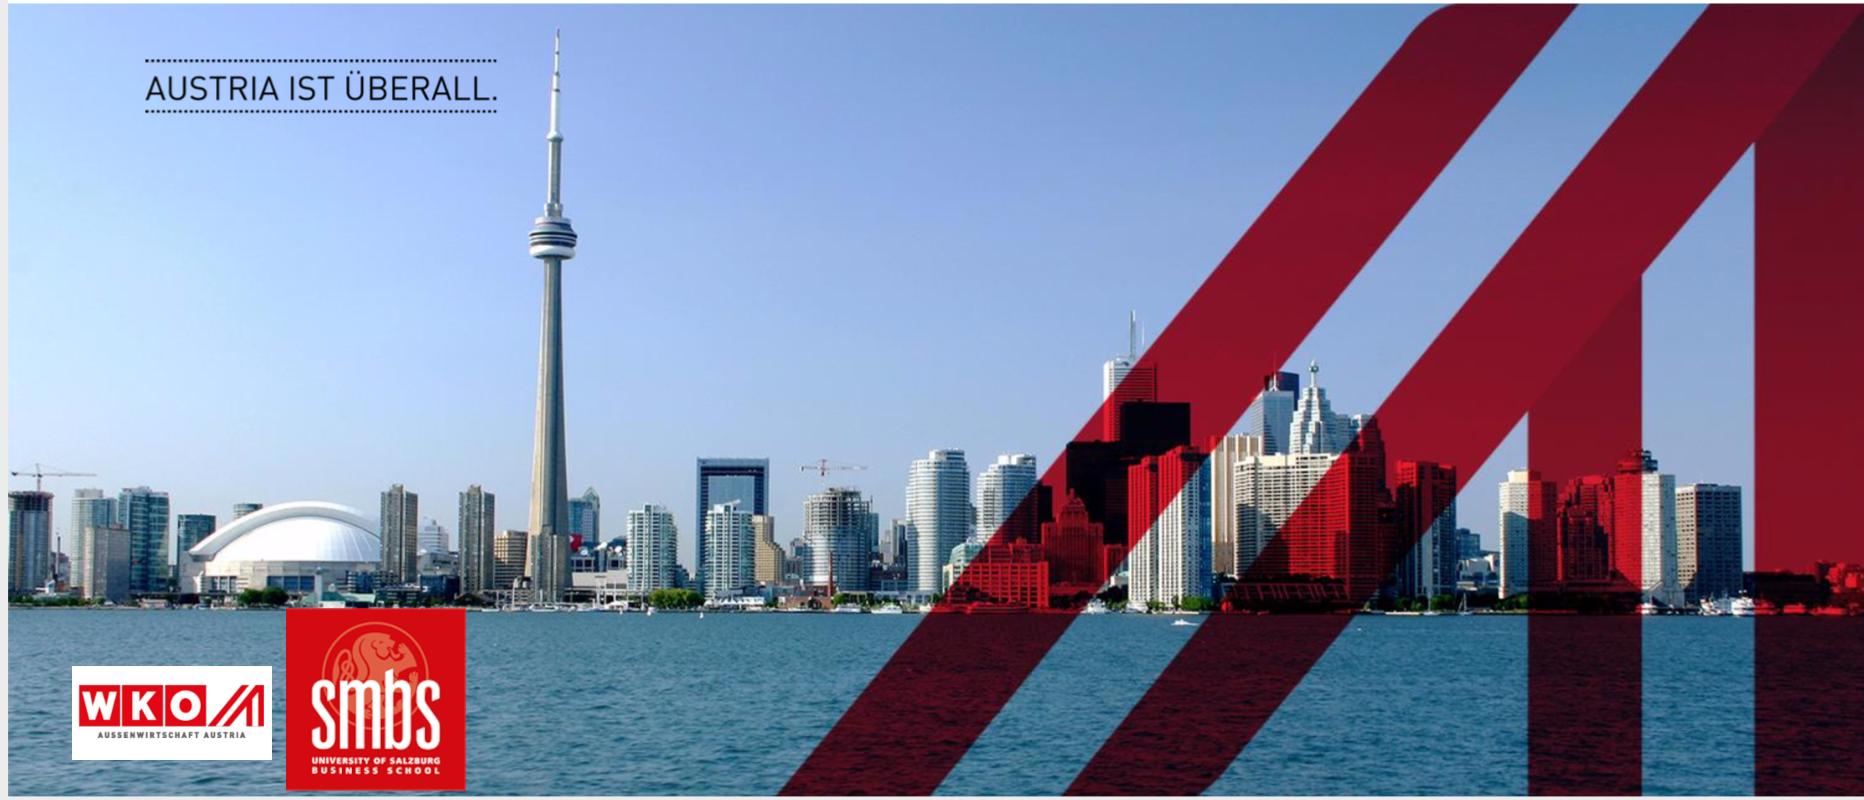 Bild von Torontos Skyline mit Logo von WKO und SMBS